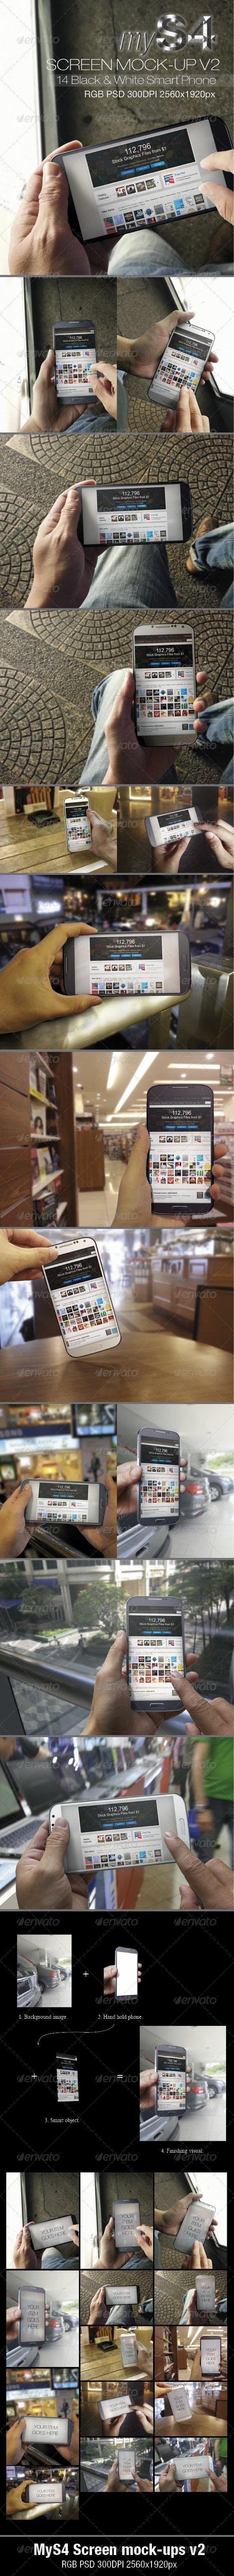 MyS4 Screen Mock-ups v2 - Mobile Displays